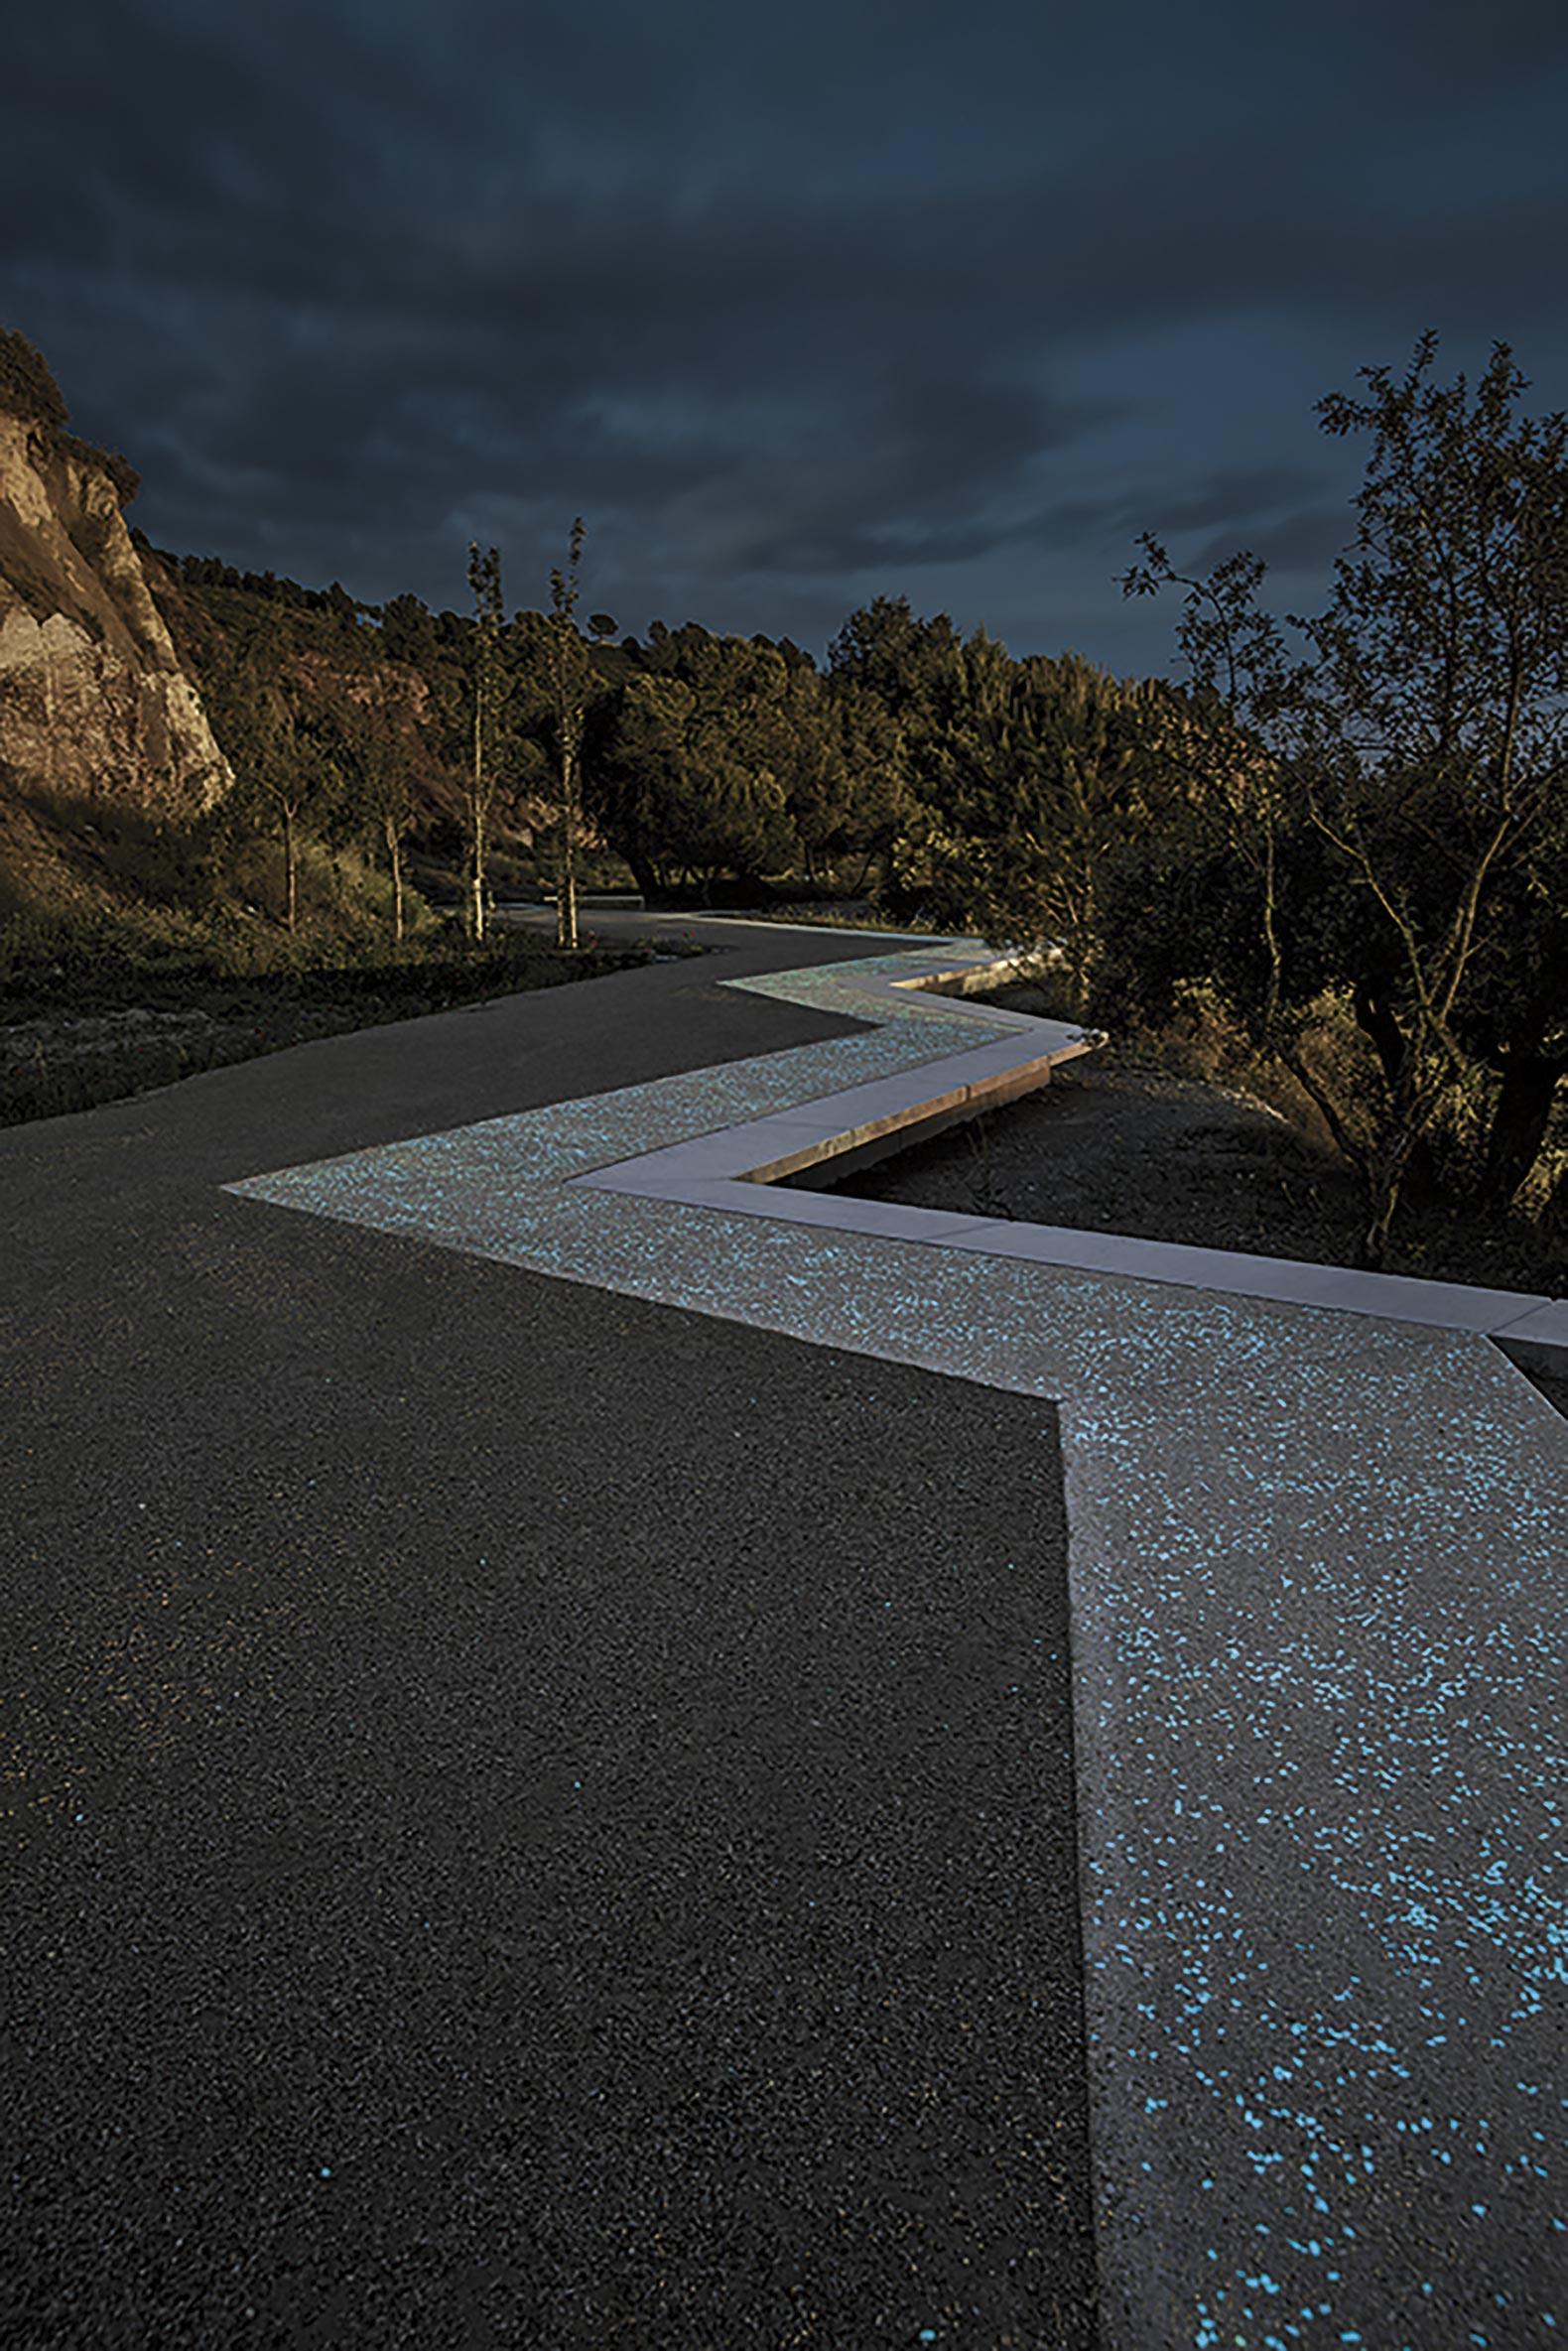 Recuperación de las antiguas minas de yeso de Igualada por Batlle i Roig Arquitectes. Fotografía de Jordi Surroca